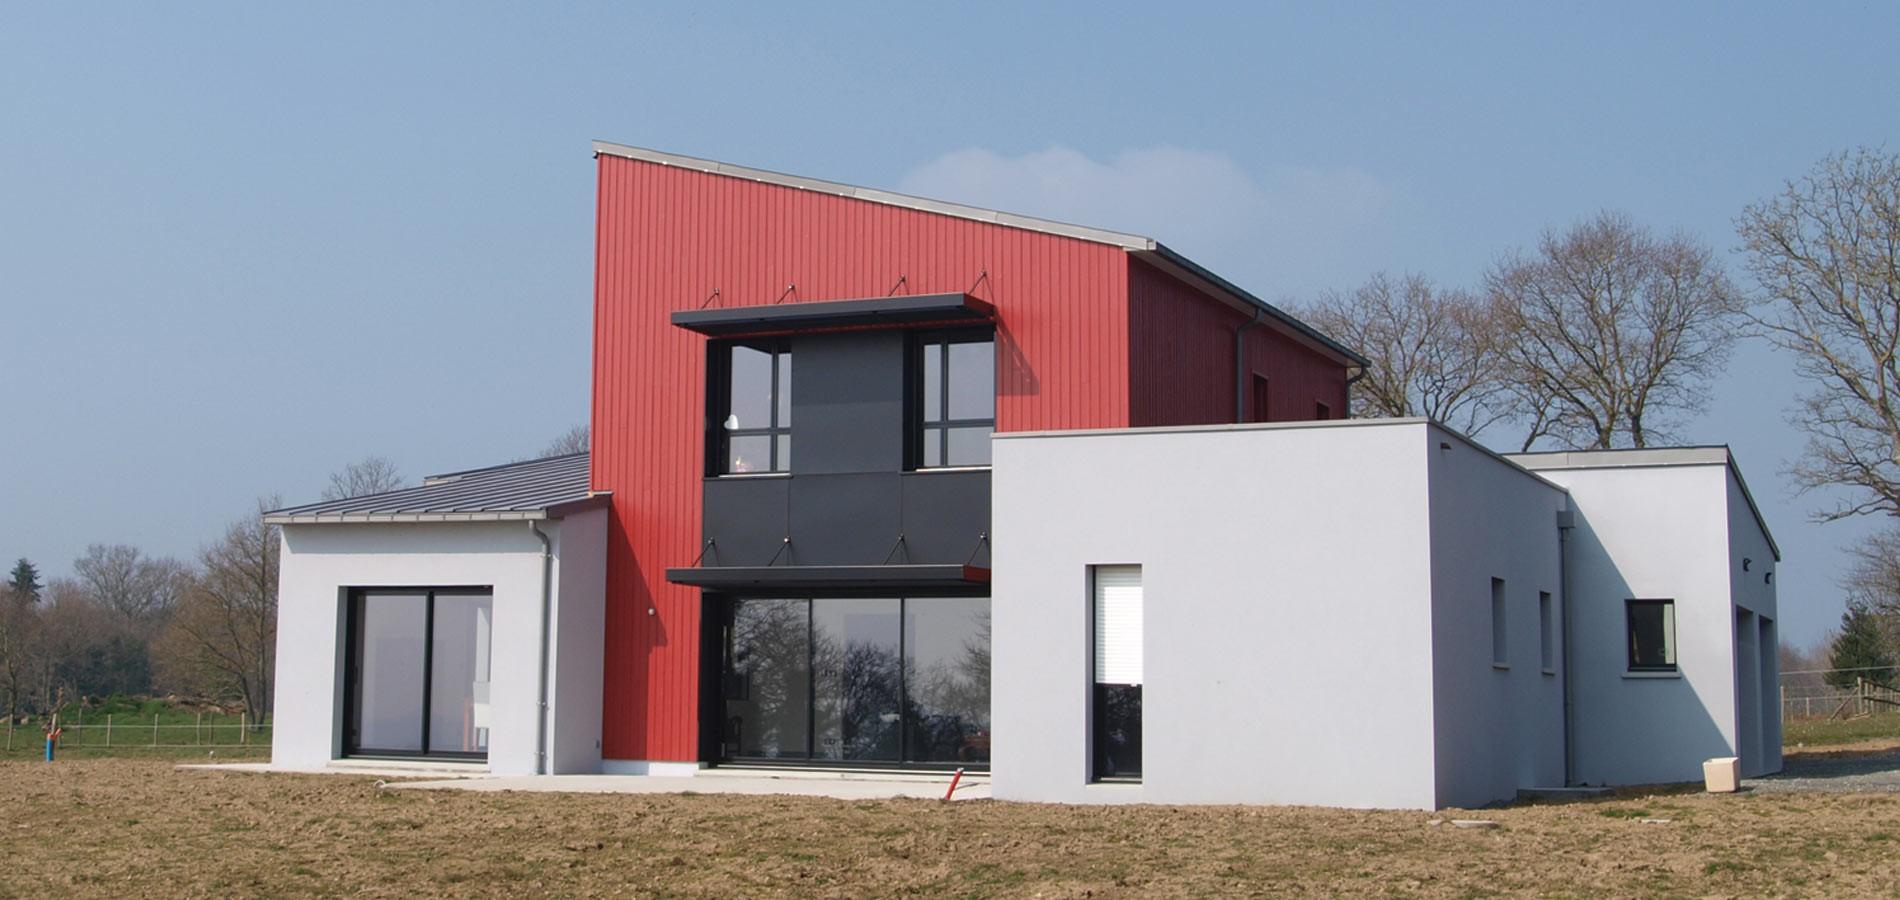 Toit monopente bruno jouanny architecte for Maison contemporaine toit monopente